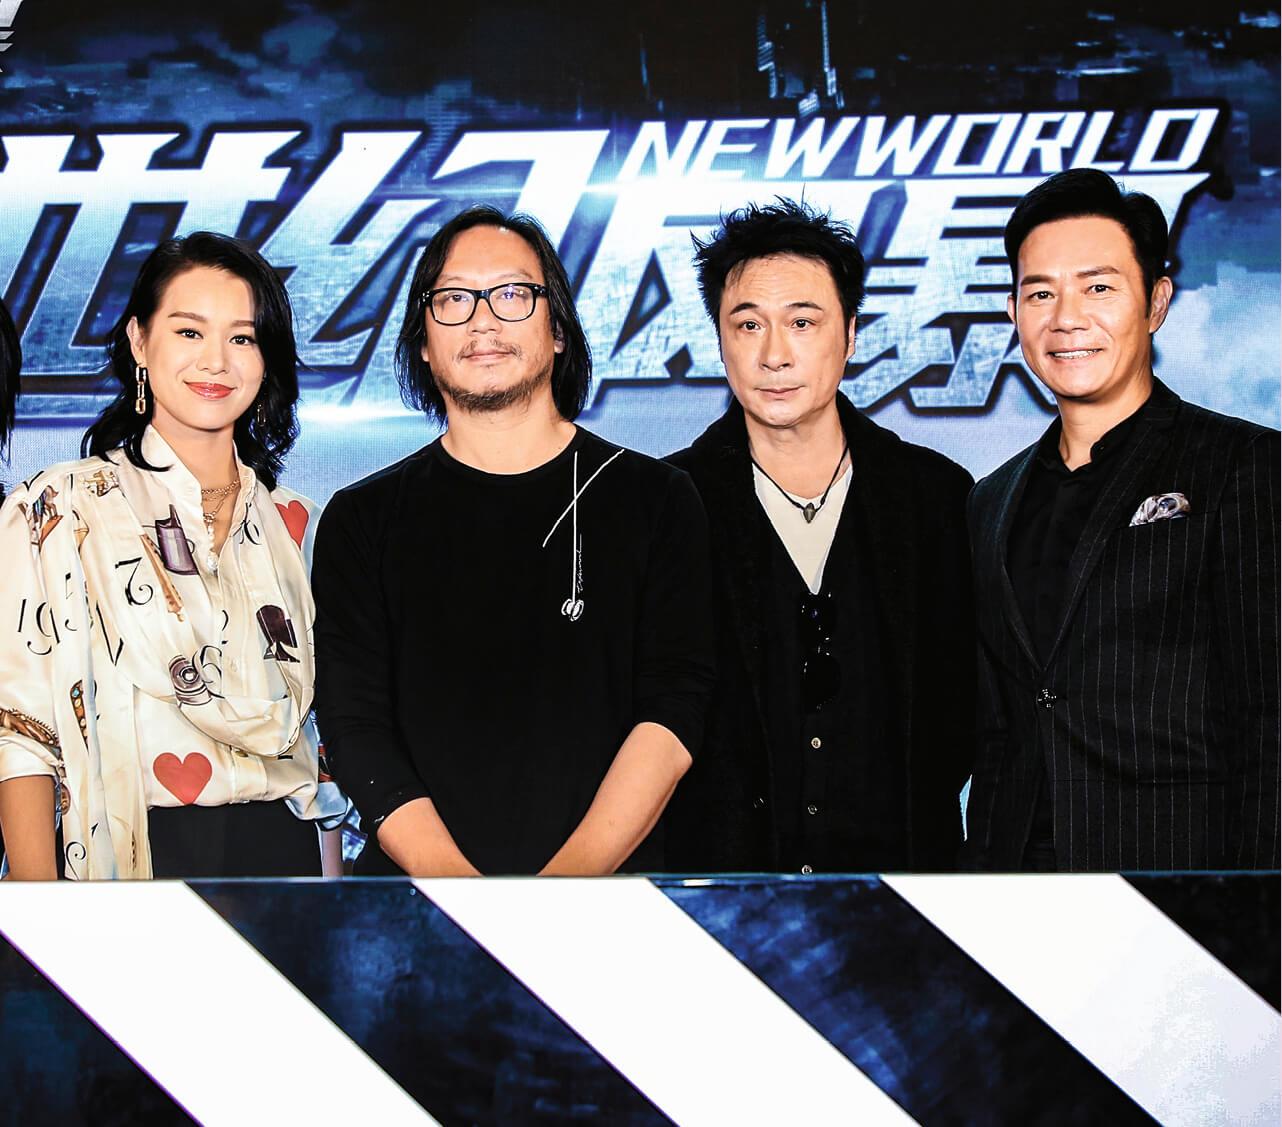 張兆輝與胡杏兒、吳鎮宇於今年初已在深圳出席彭發導演的新戲《世紀風暴》的啟動儀式。